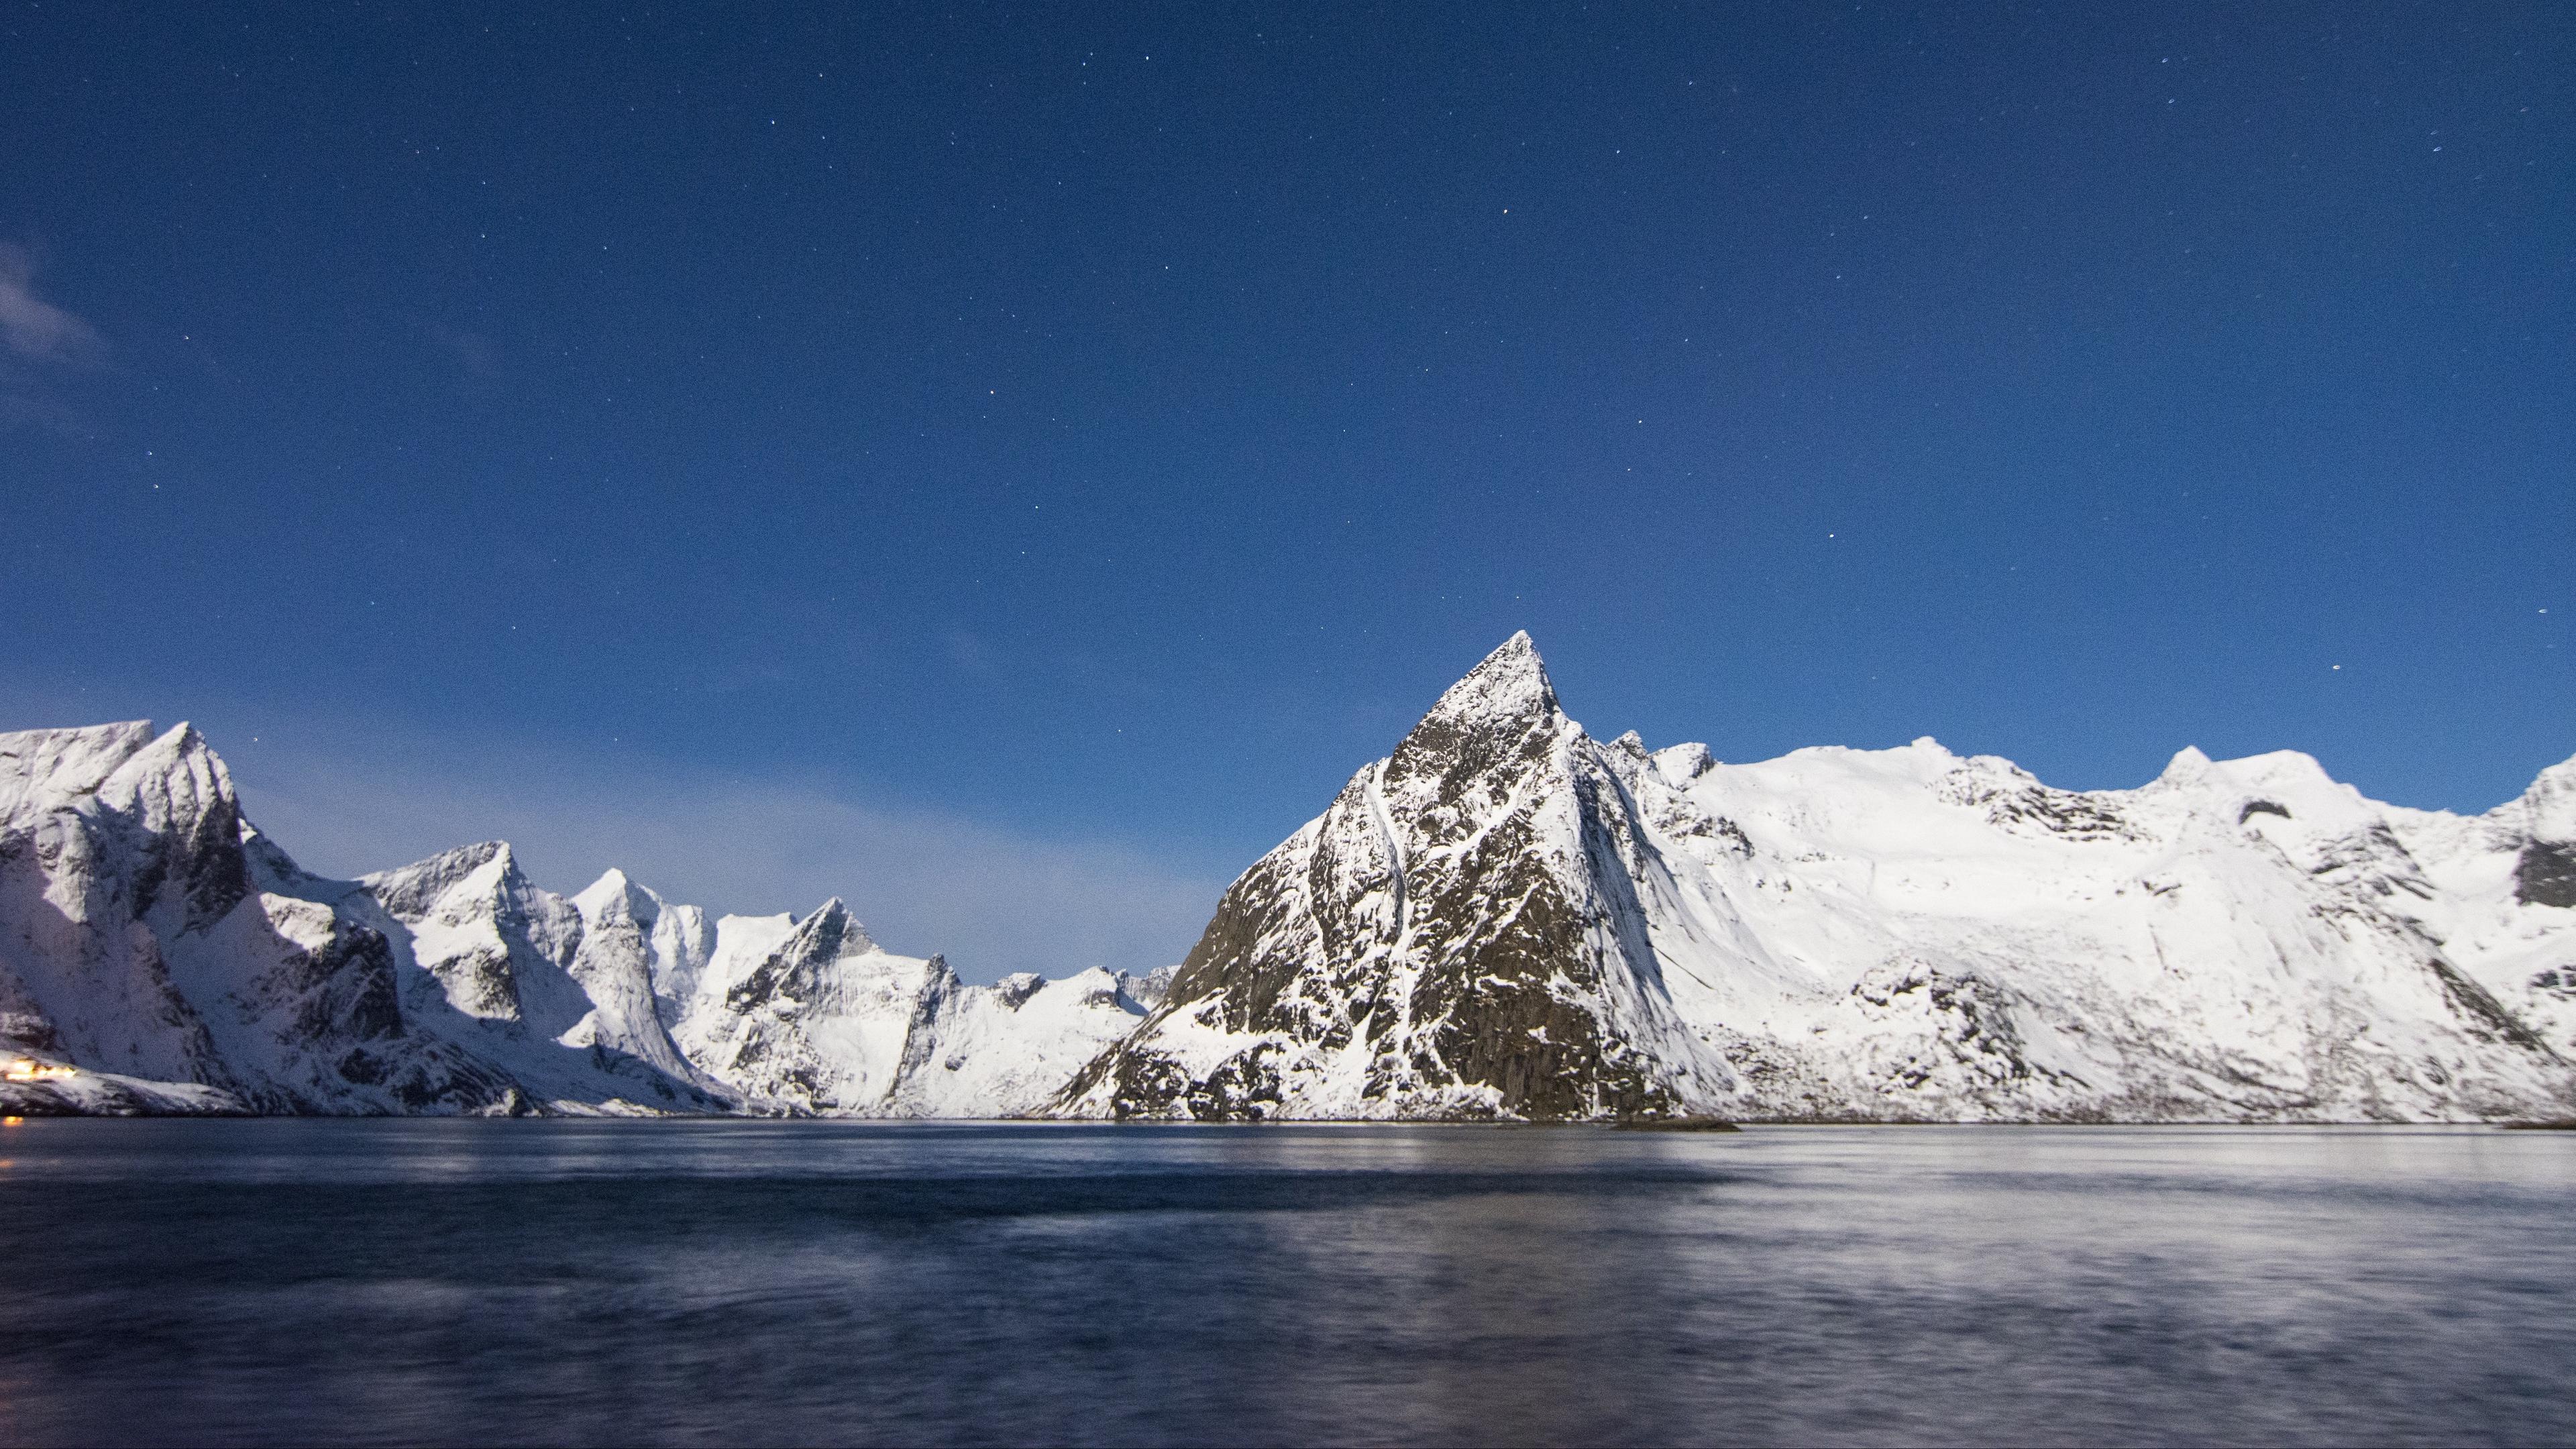 mountains peaks snow sky lake 4k 1541117883 - mountains, peaks, snow, sky, lake 4k - Snow, Peaks, Mountains